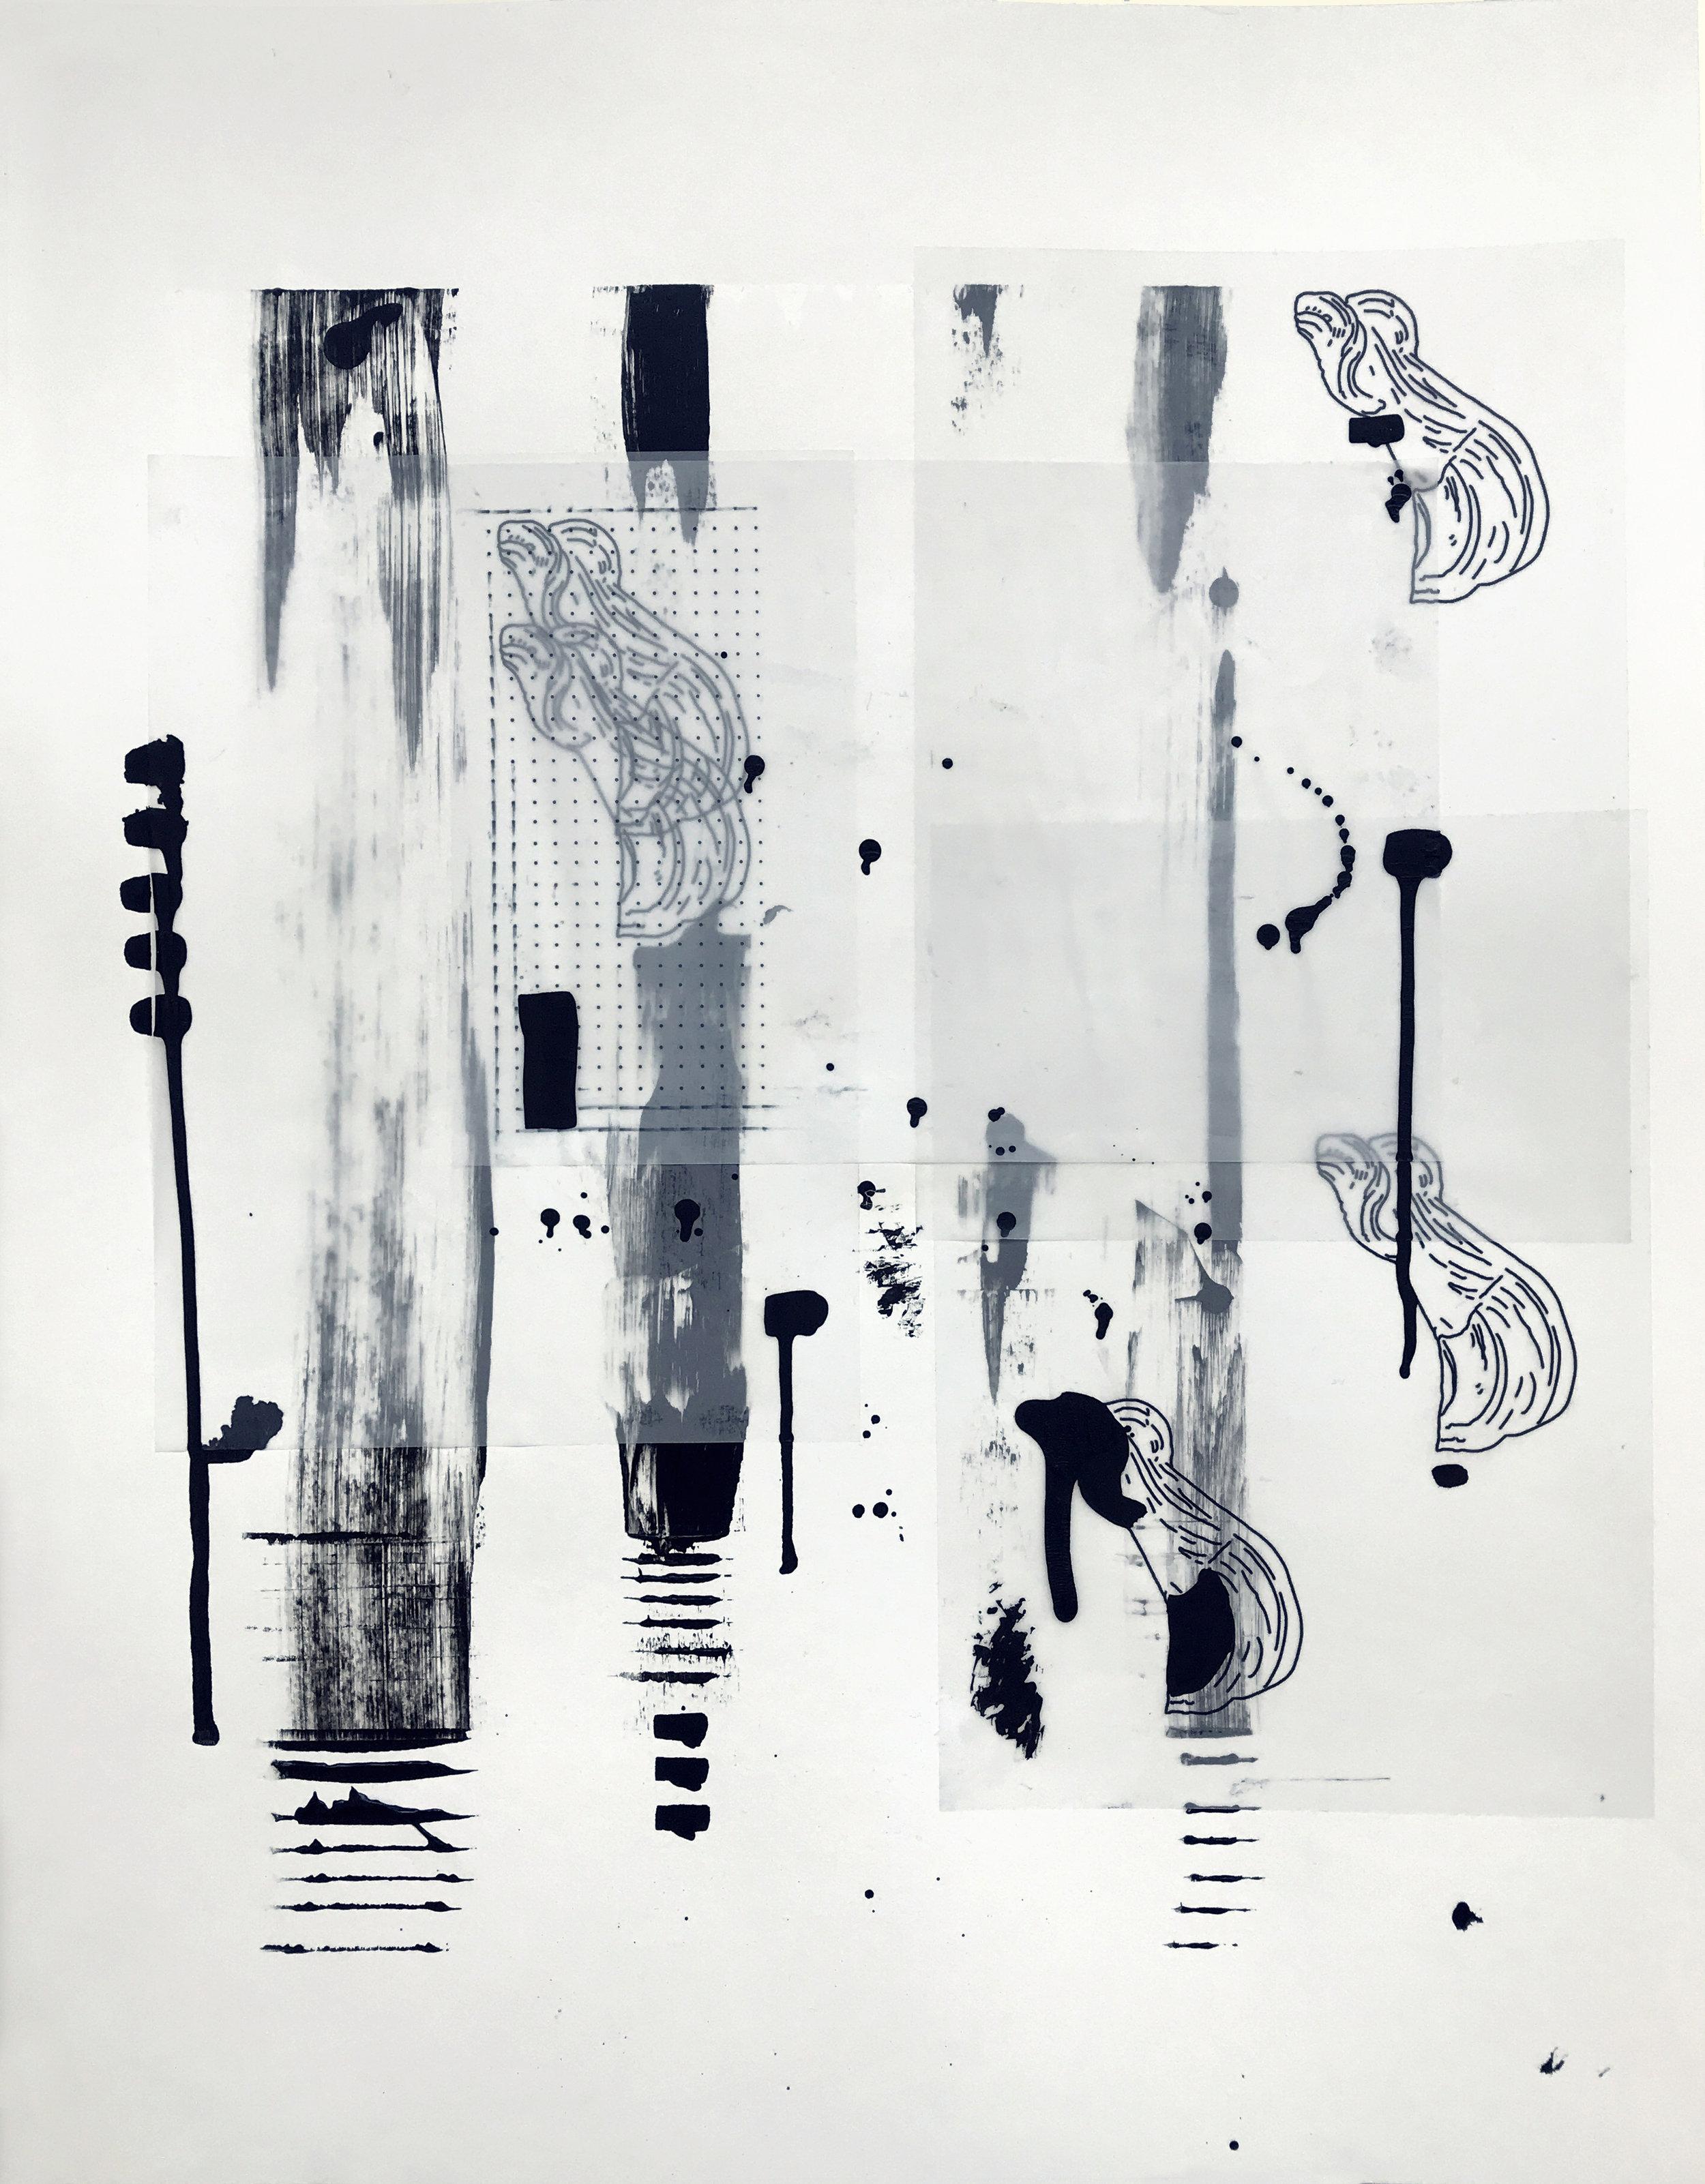 %22Detrás del espejo _ 21%22 - Técnica mixta sobre papel - 65 x 50 cm - Julián Brangold - 2018.jpg